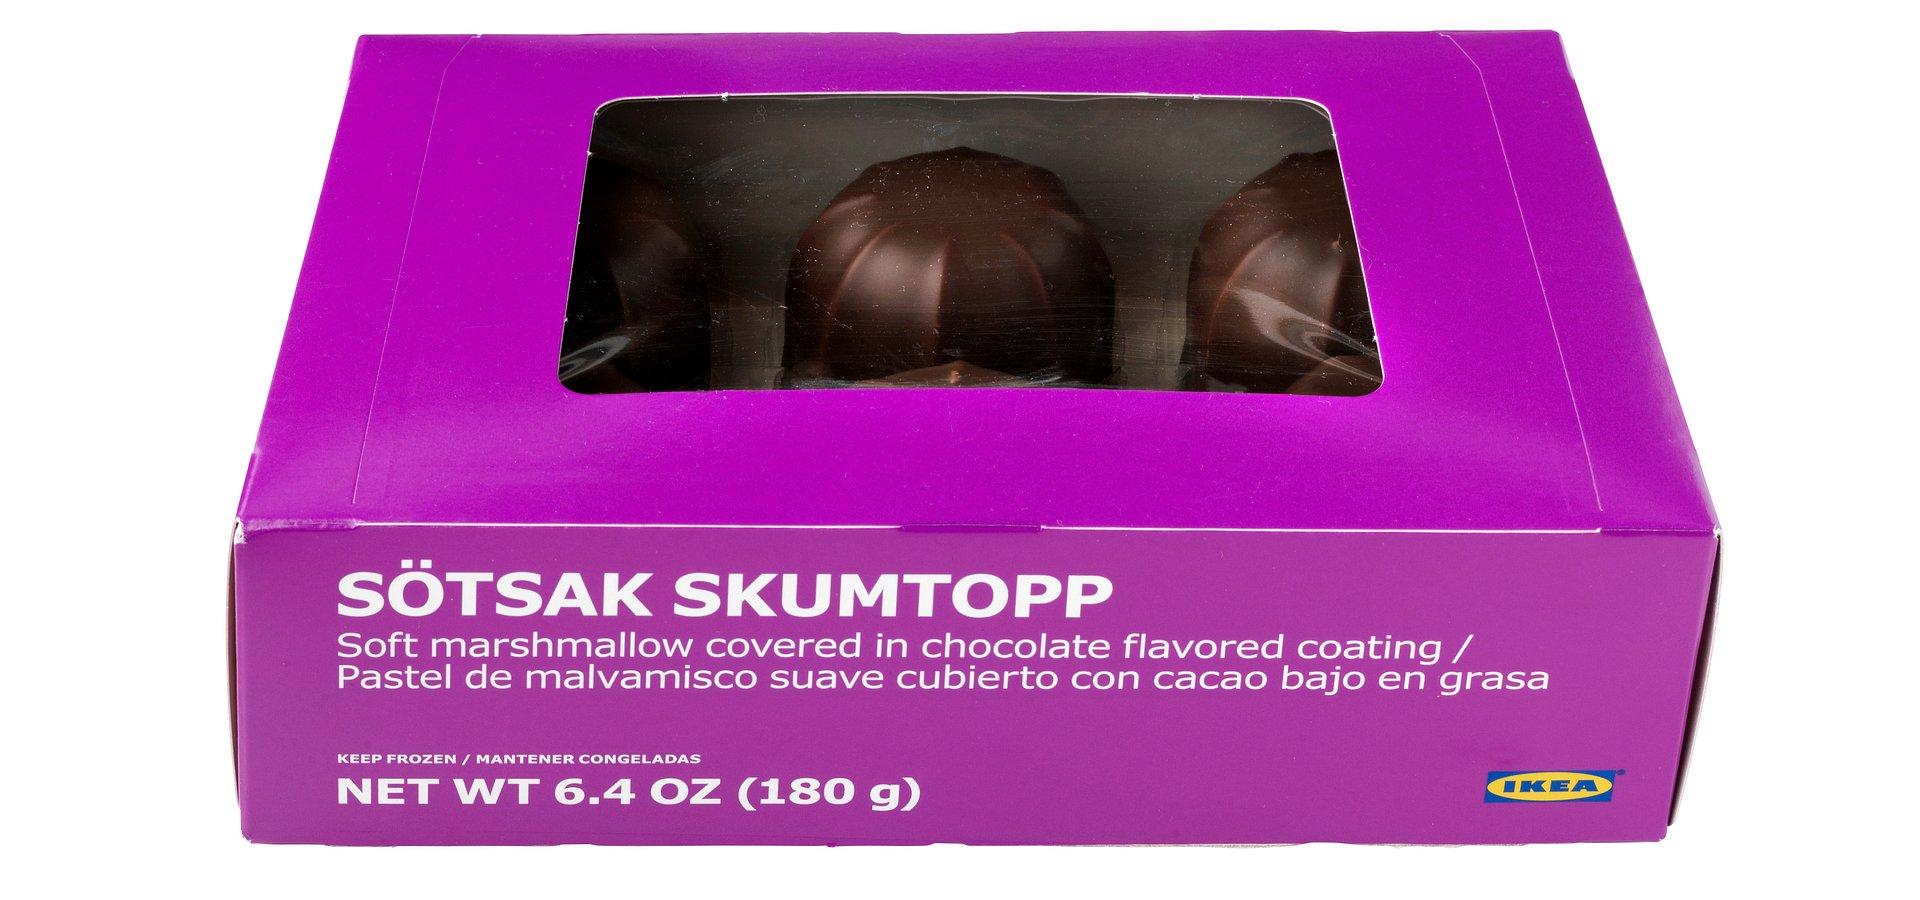 IKEA wycofuje ciasto SÖTSAK SKUMTOPP ze względu na nieprecyzyjną informację dotyczącą alergenów w składzie